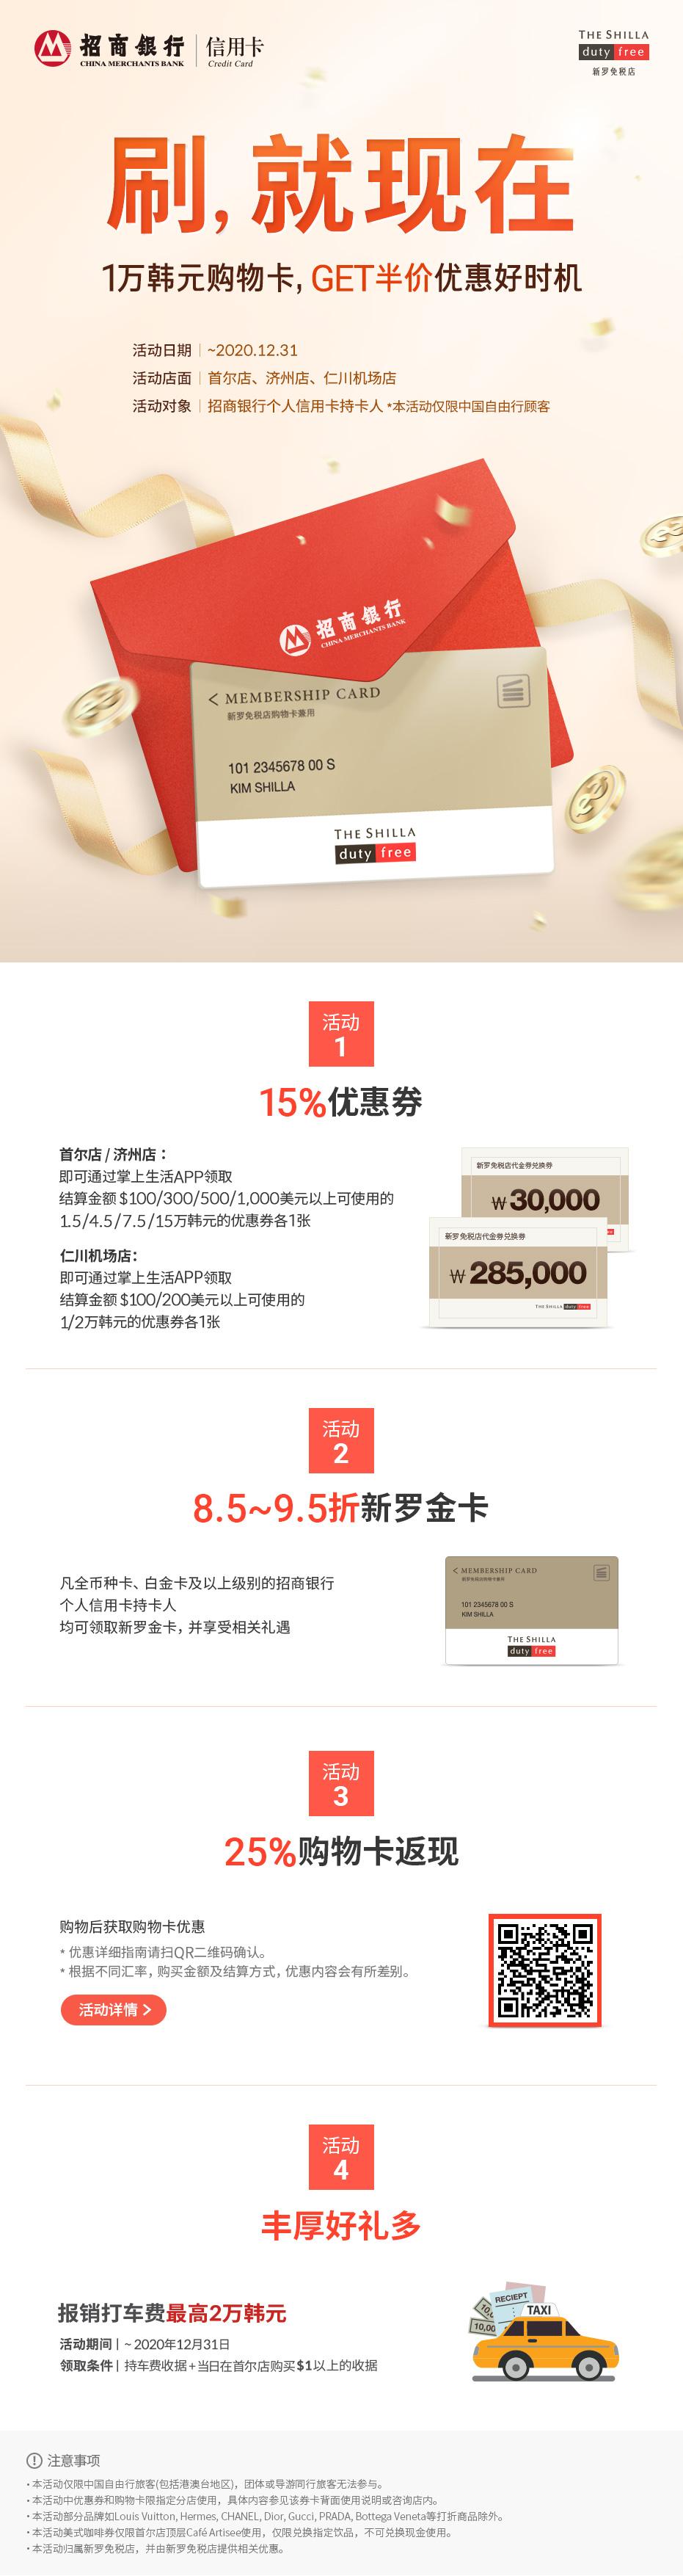 新罗免税店携手招商银行信用卡优惠活动